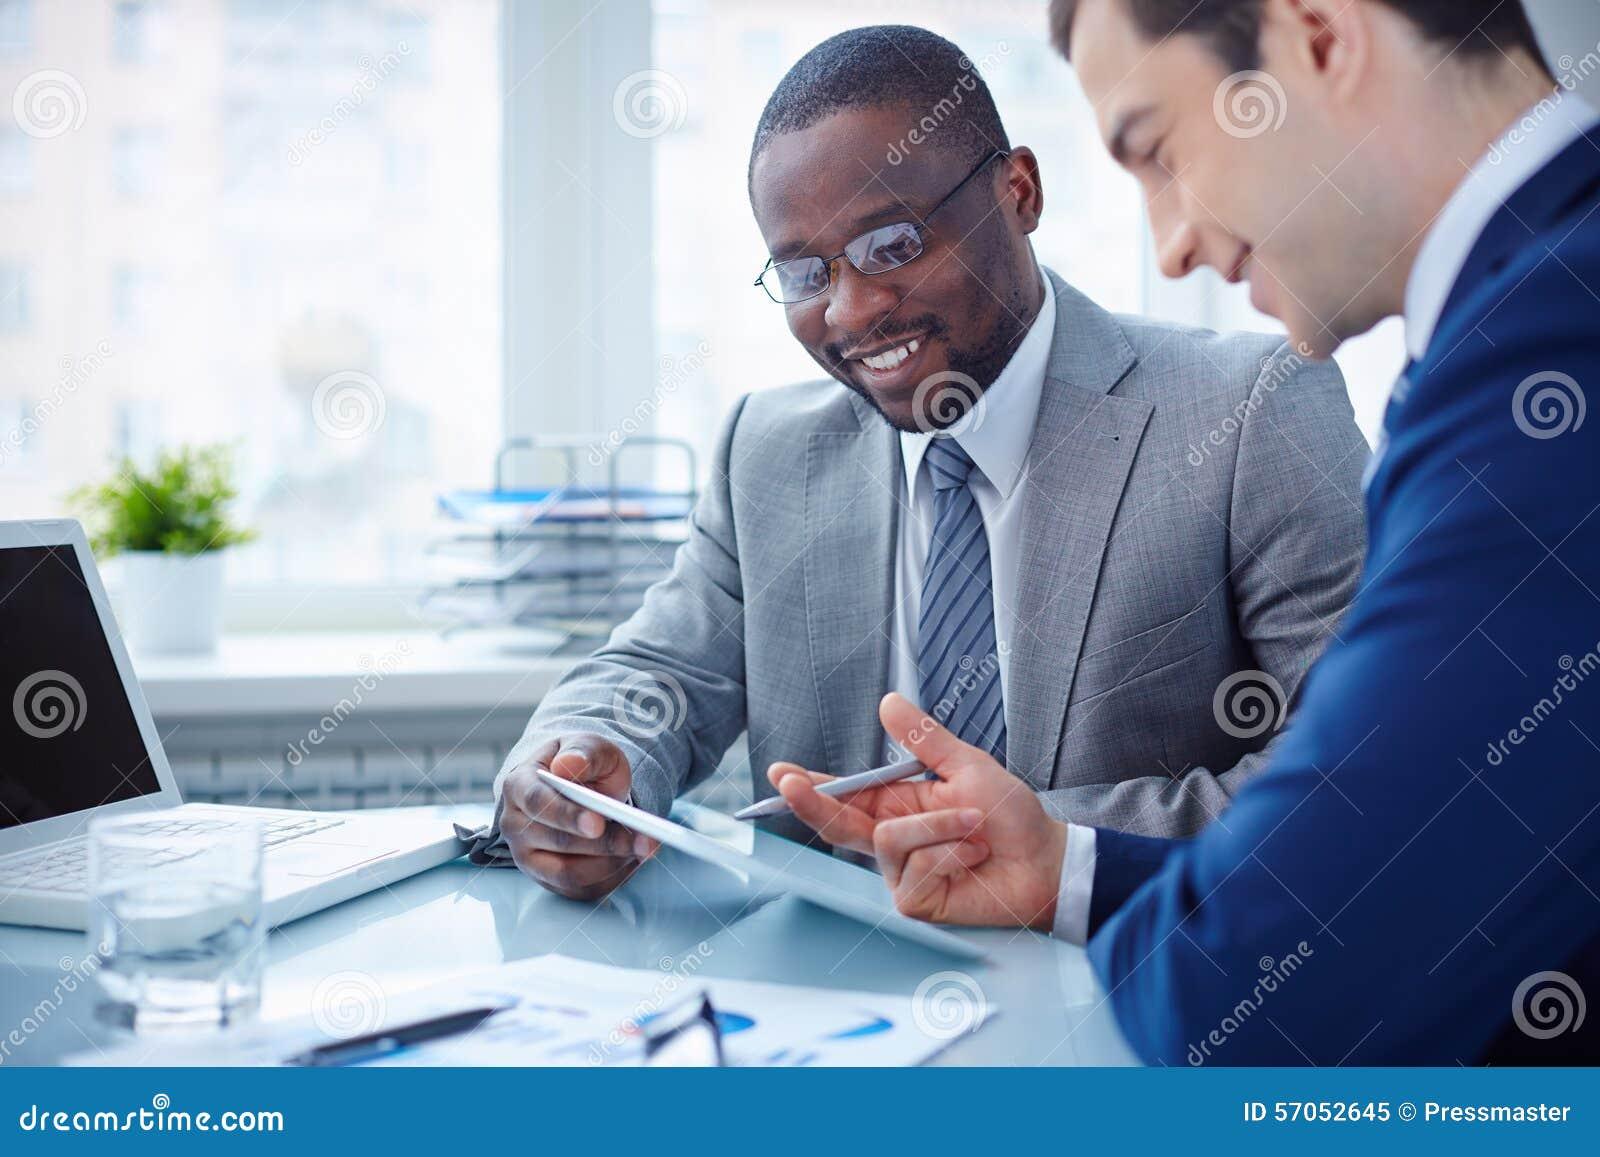 Twee jonge zakenlieden die over zaken spreken terwijl één van hen die op de computer leunen controleert